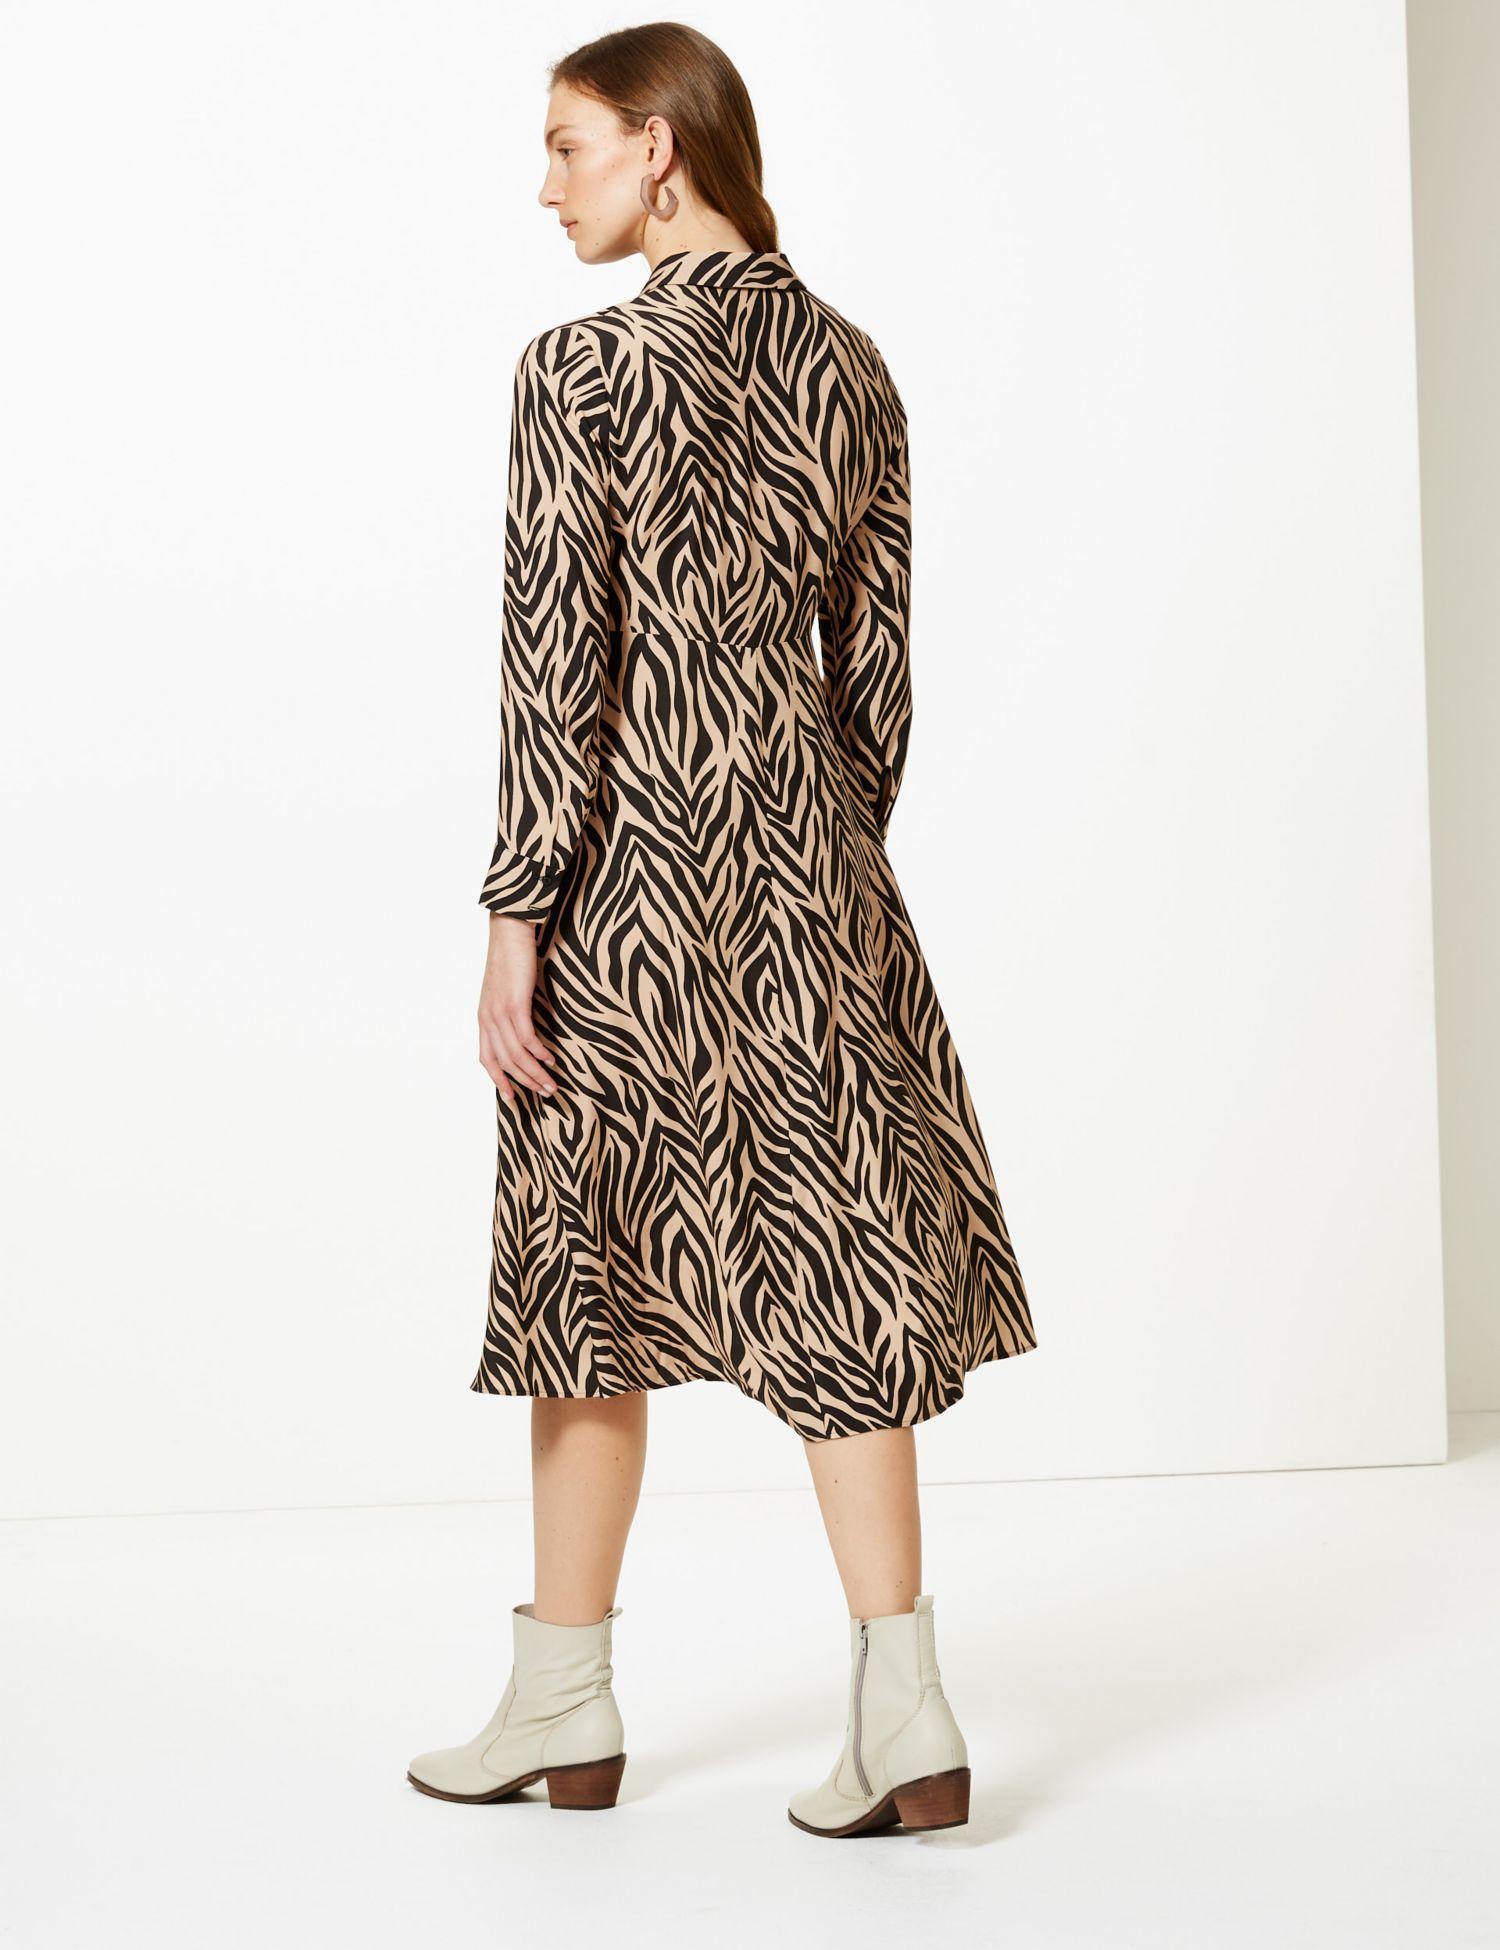 b4a8d54d9993 ... Animal Print Midi Shirt Dress - Lyst. View fullscreen